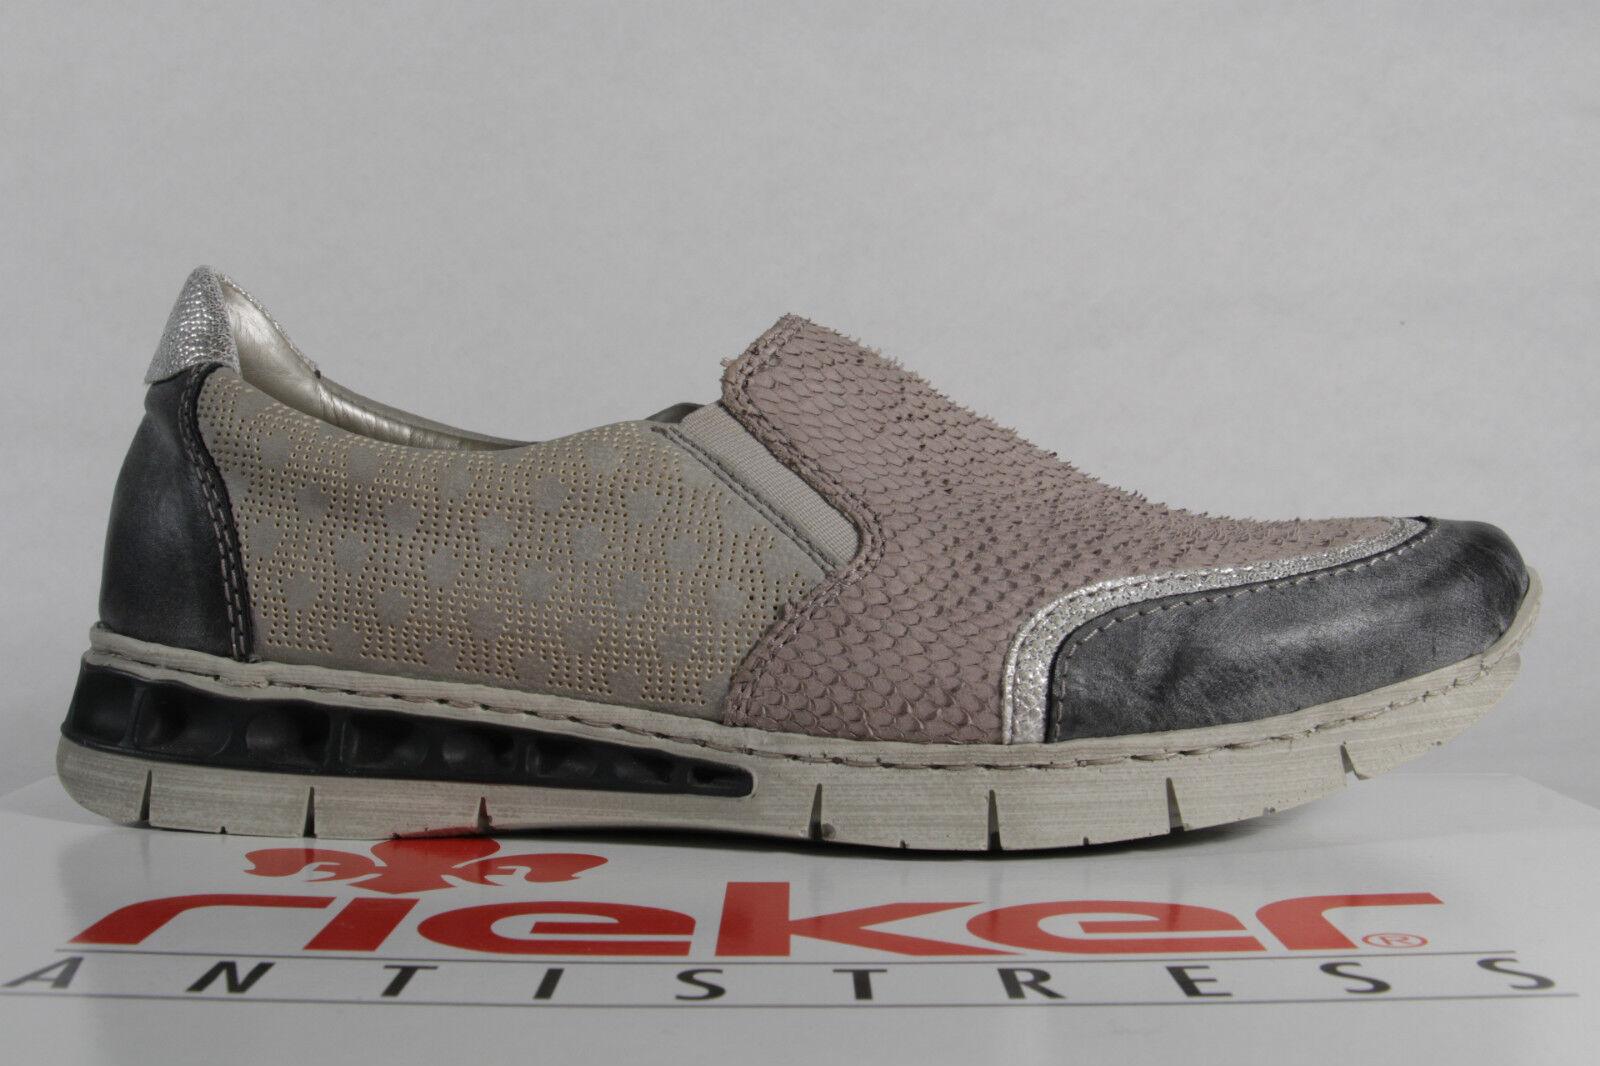 Rieker Slipper Halbschuhe Sneakers Halbschuhe Slipper Leder/Kunstleder grau NEU 33bfa3